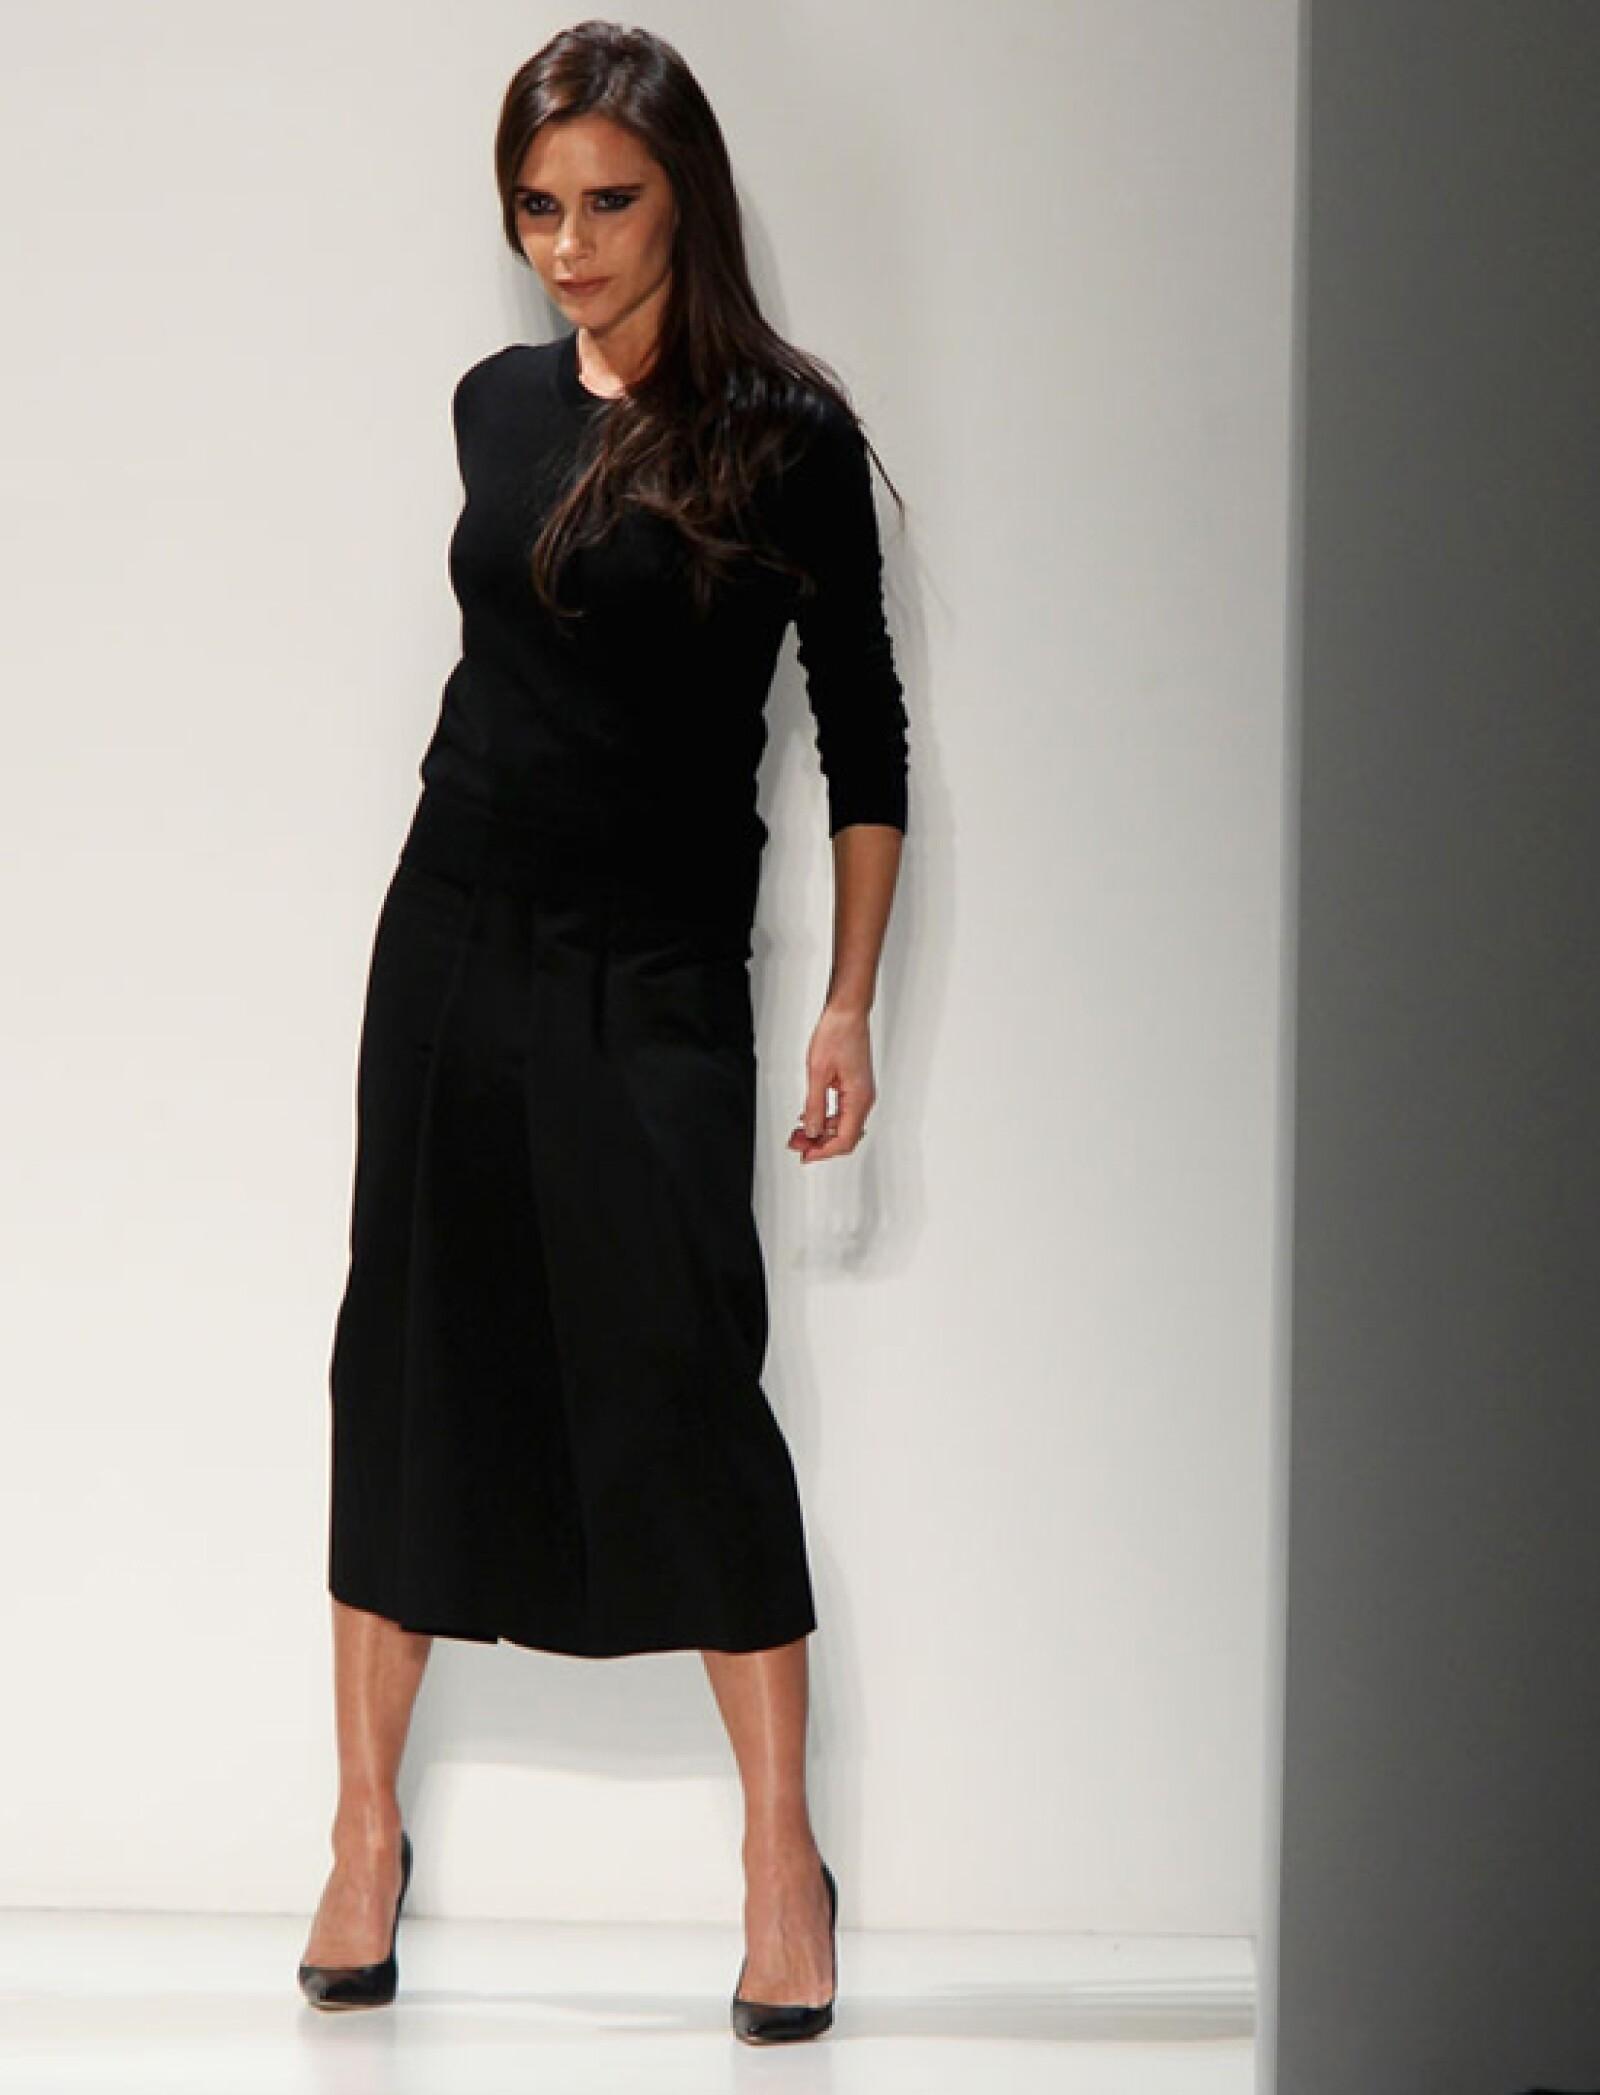 Así de guapa y segura es Victoria Beckham a sus 40 años triunfando en la vida y en la moda.